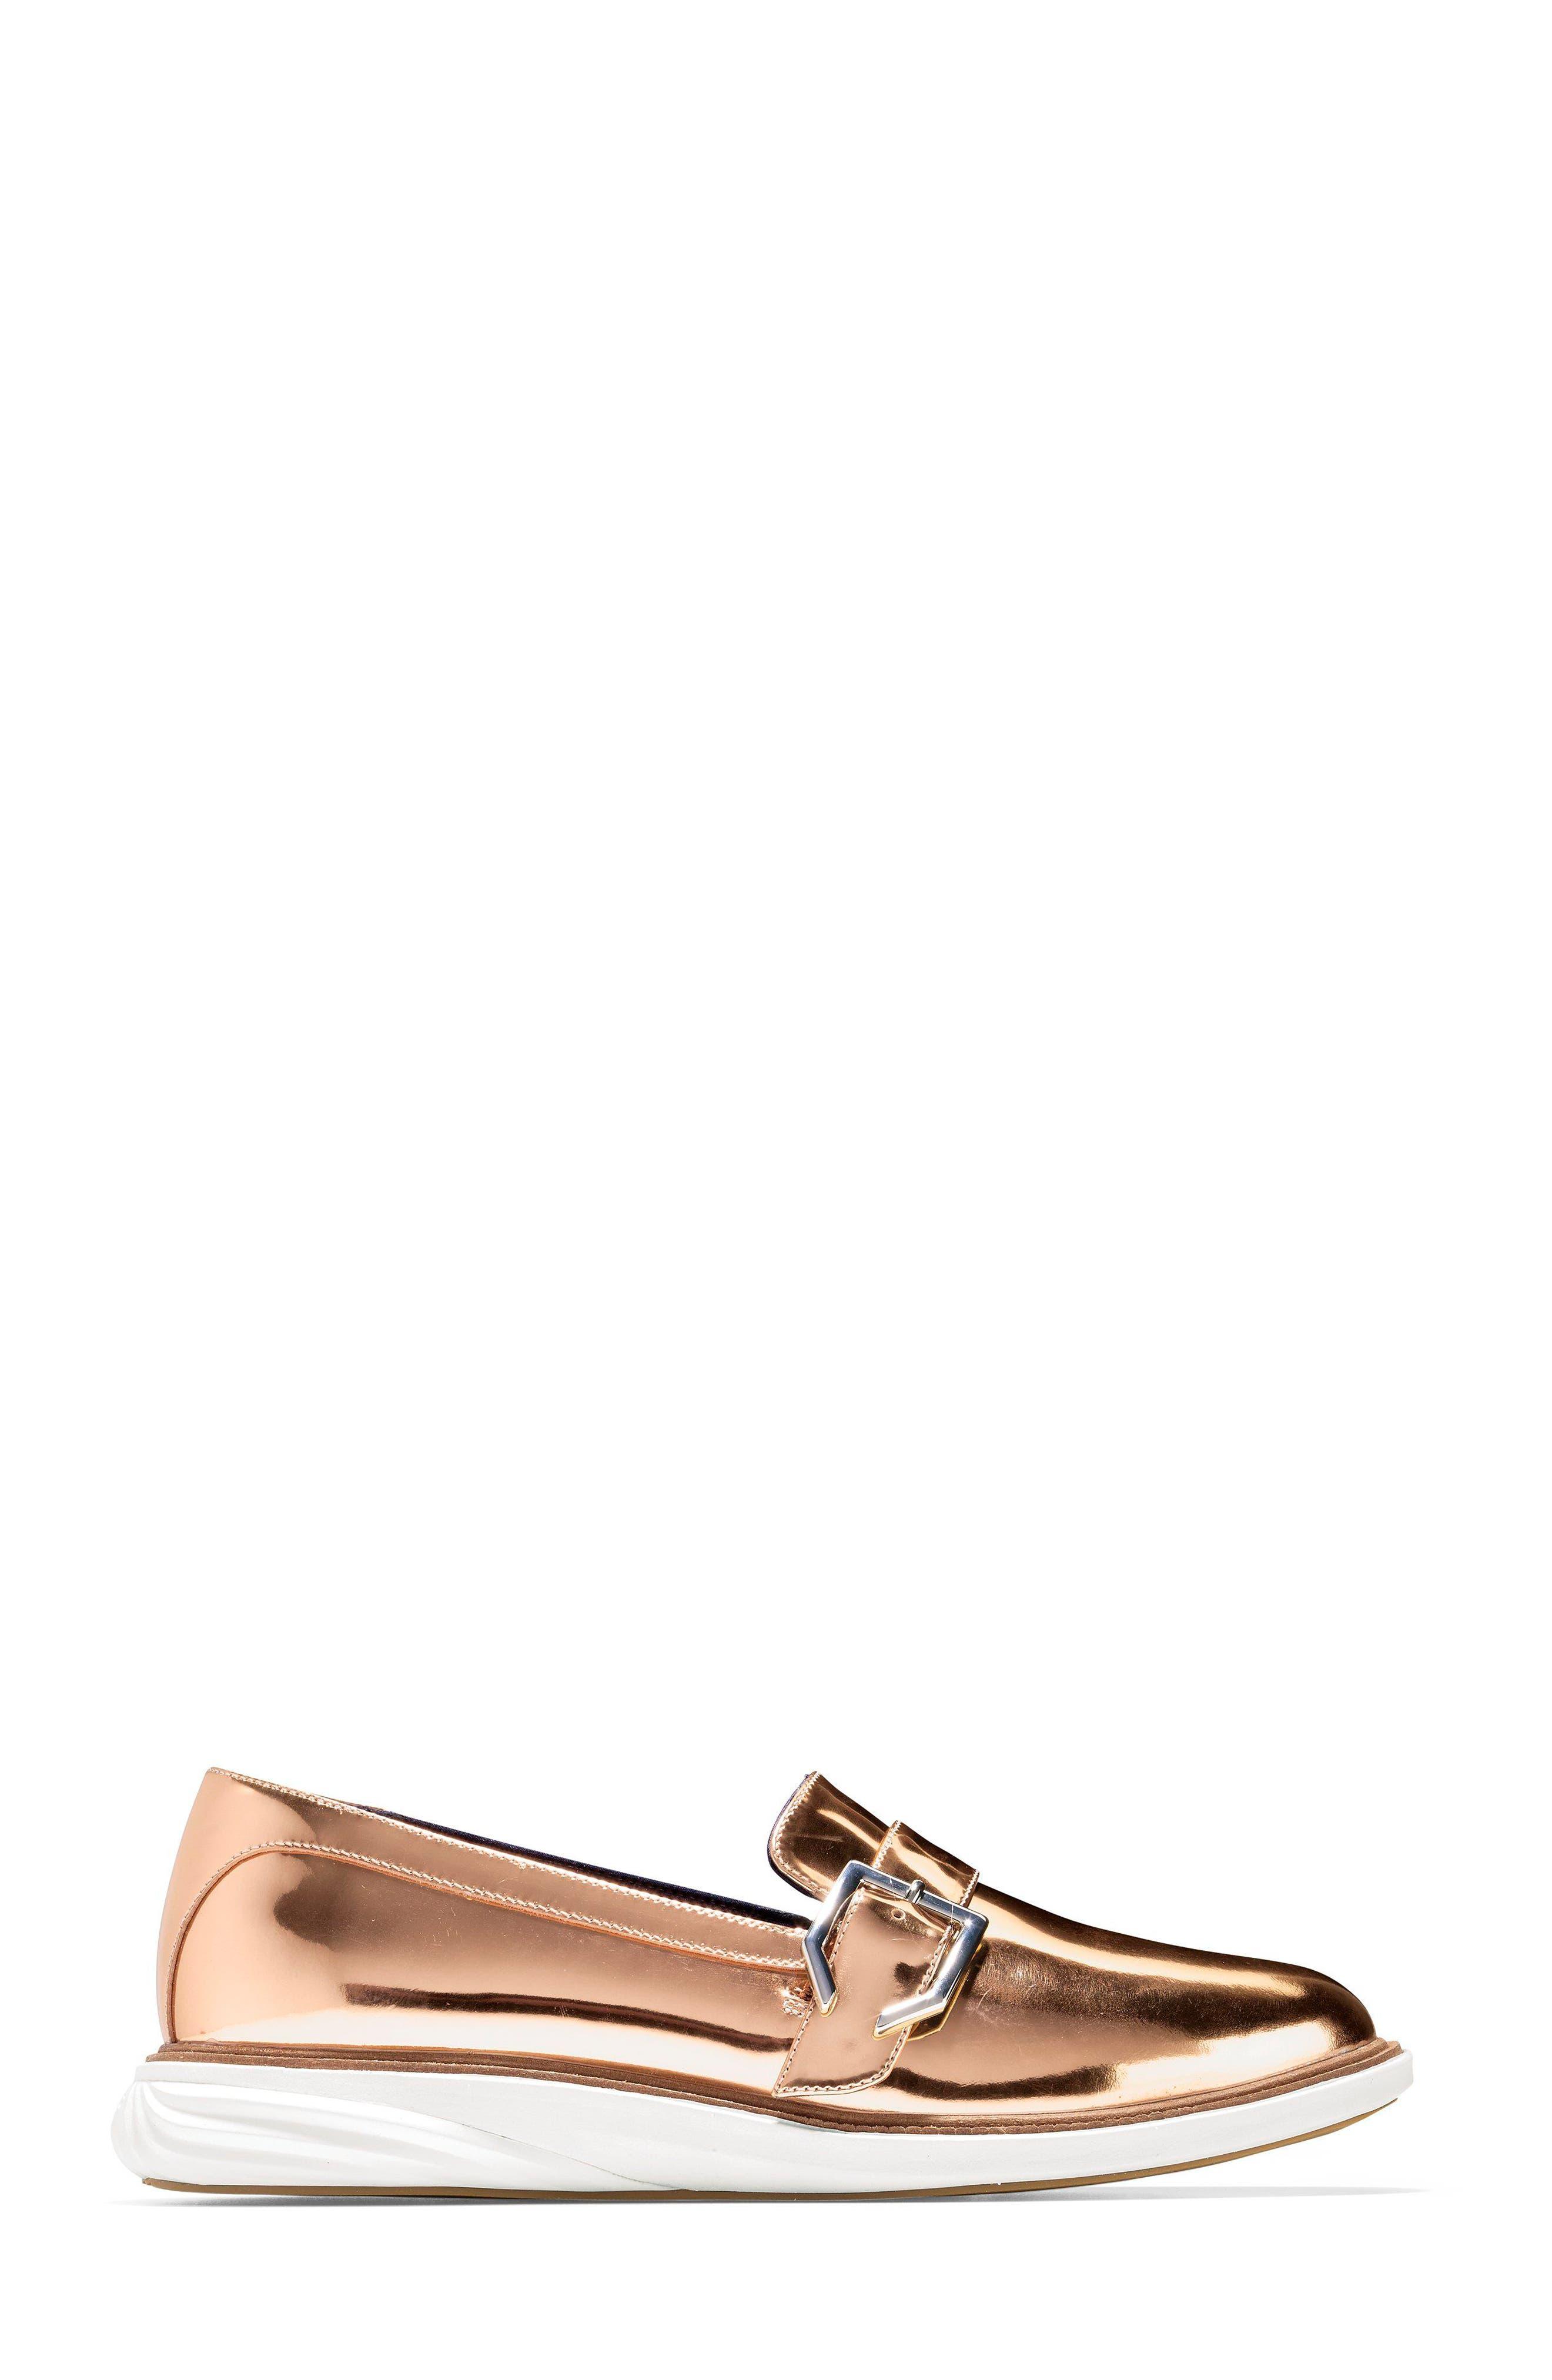 GrandEvolution Sneaker,                             Alternate thumbnail 3, color,                             Rose Gold Leather